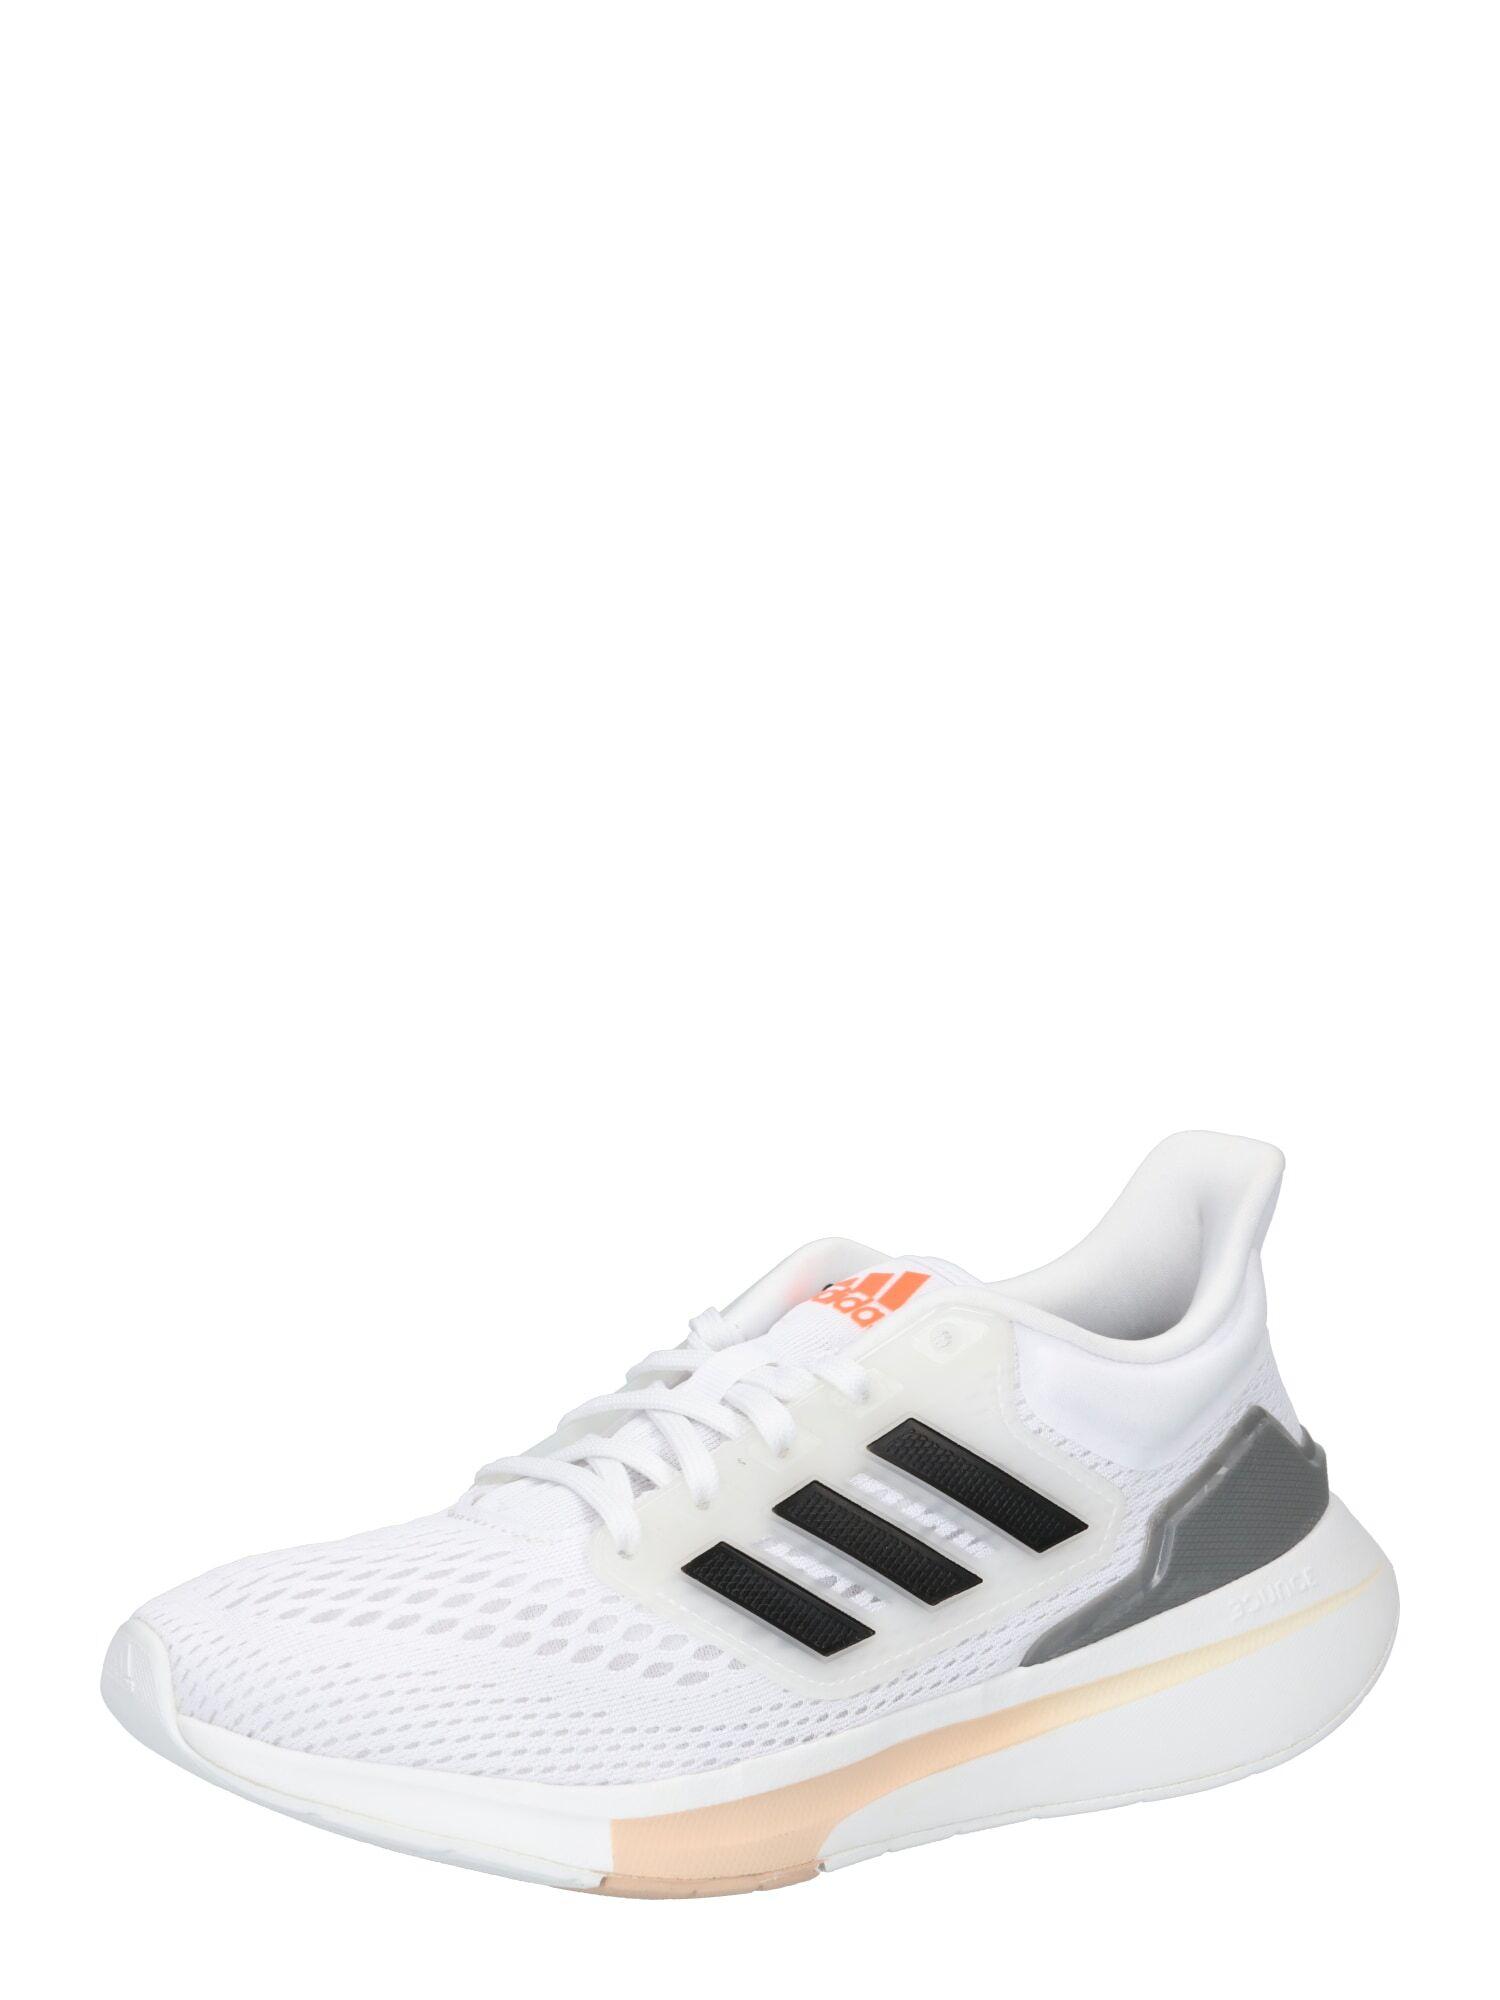 adidas performance scarpa da corsa bianco